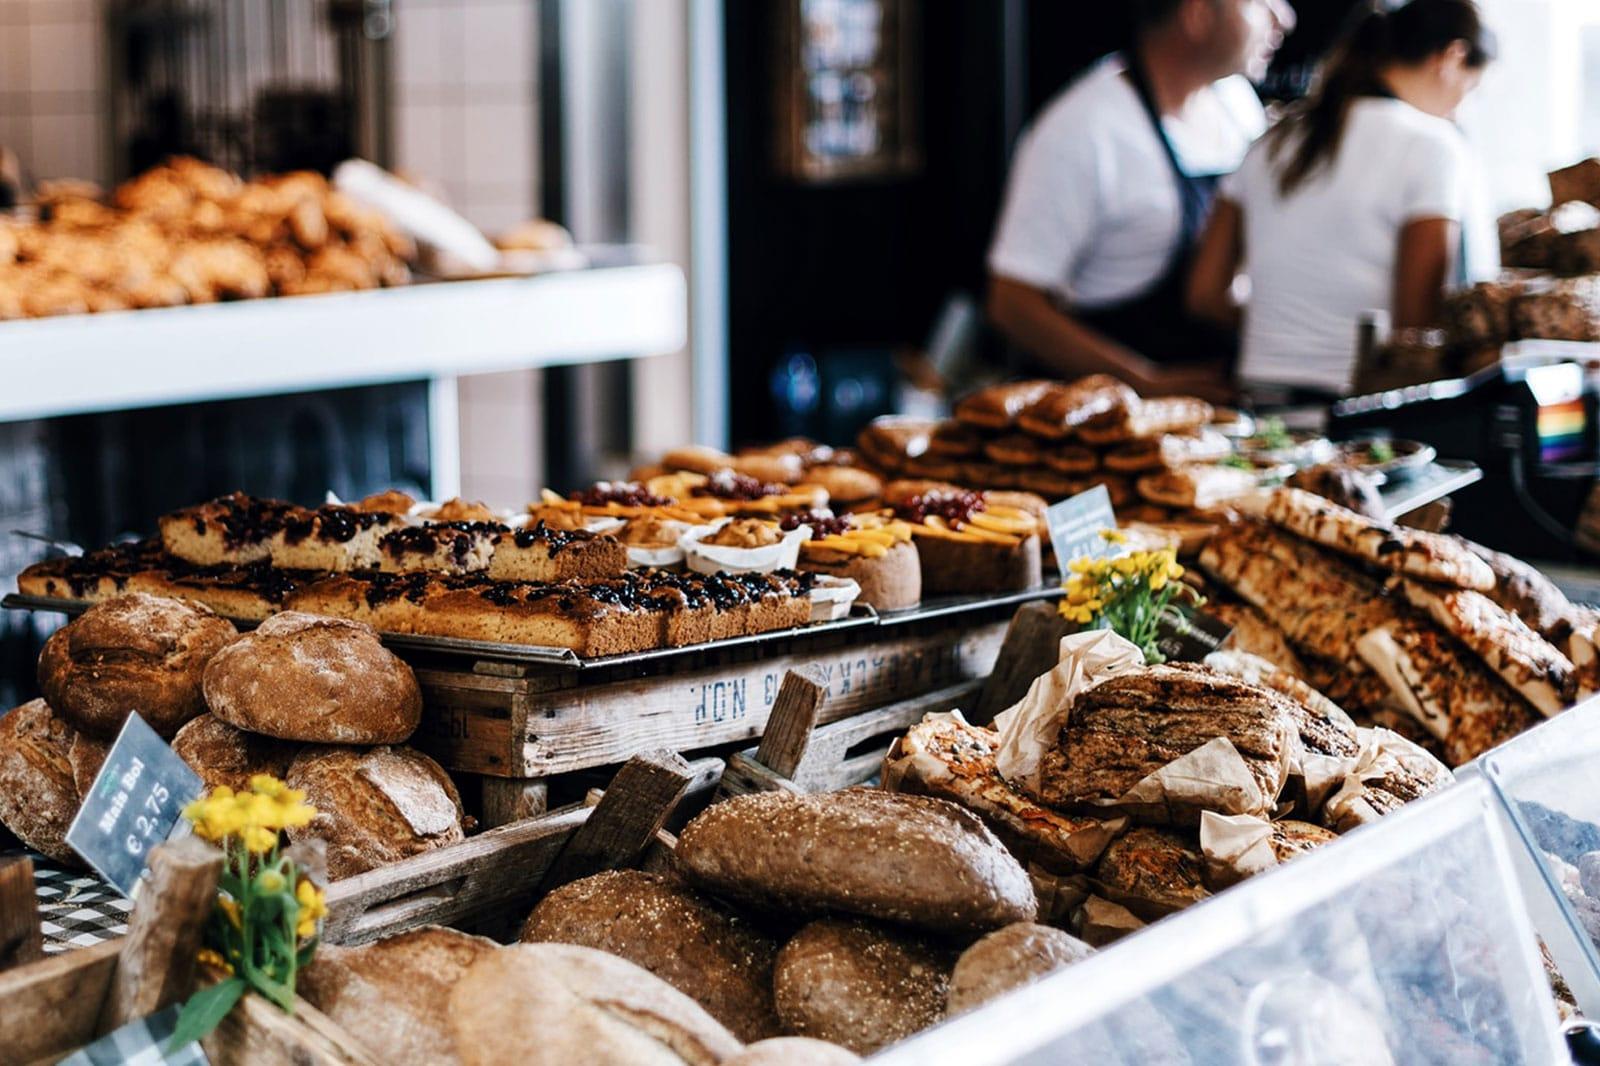 Referenzstory – Branche: Bäckerei-Filialbetrieb